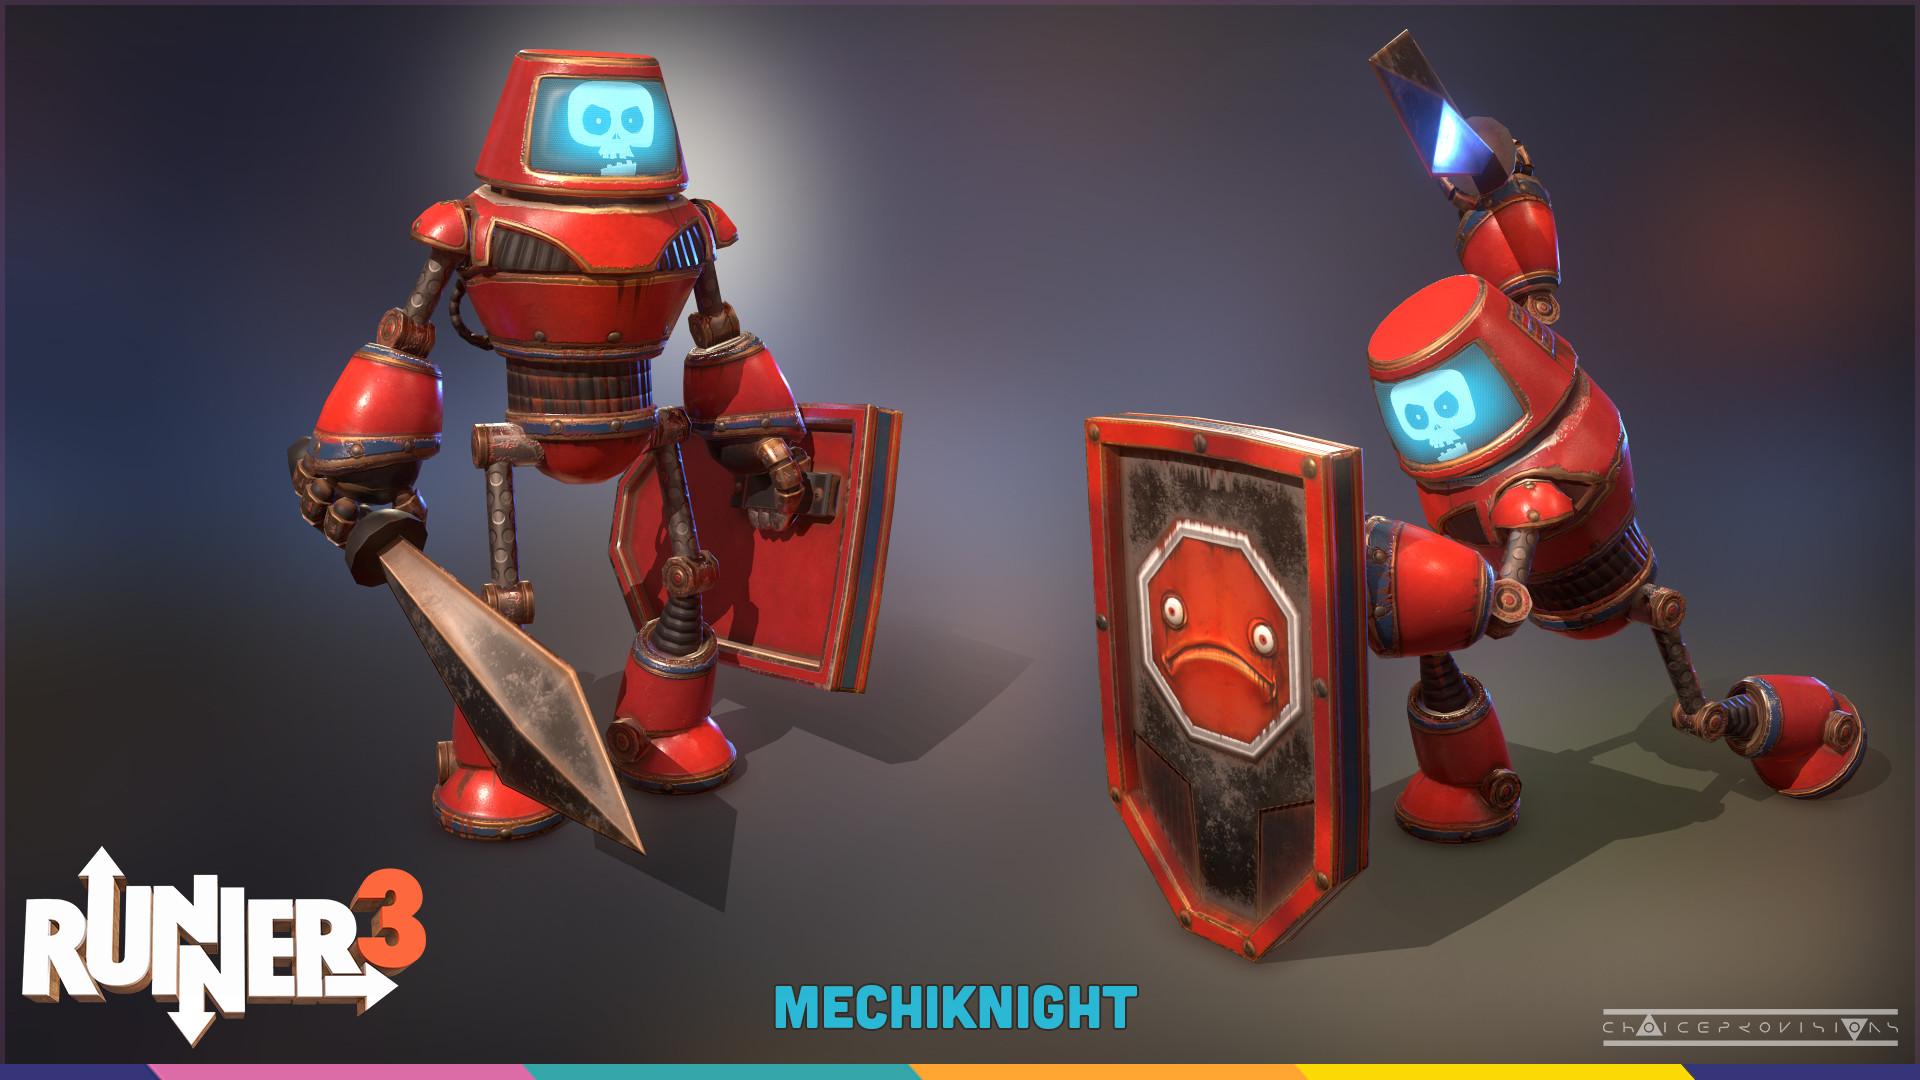 josh-defries-screenshot-mechiknight-01.jpg